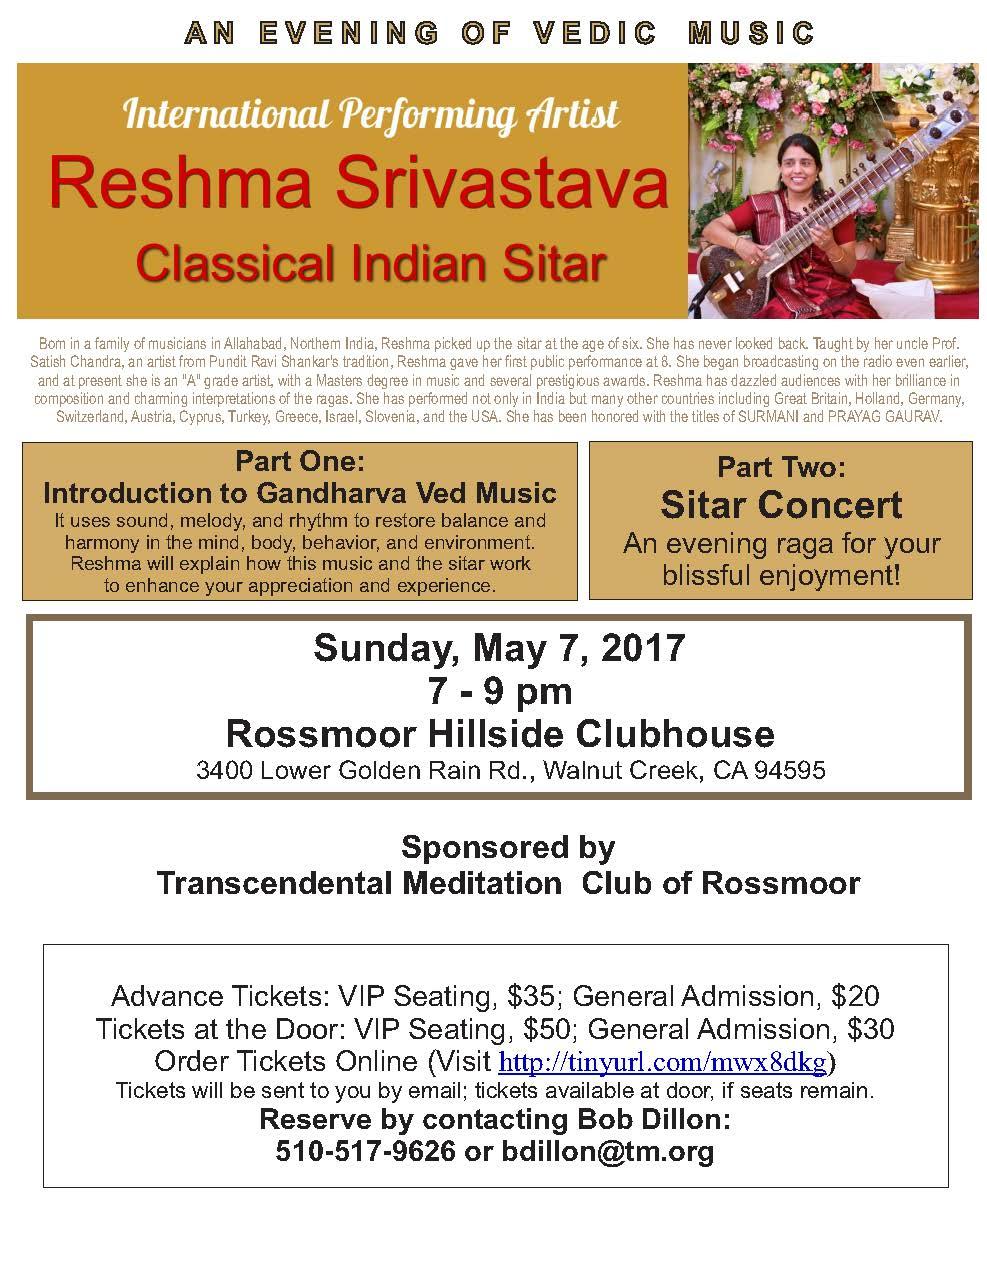 Rossmoor SitarConcertFlyer-2017-Rossmoor_1